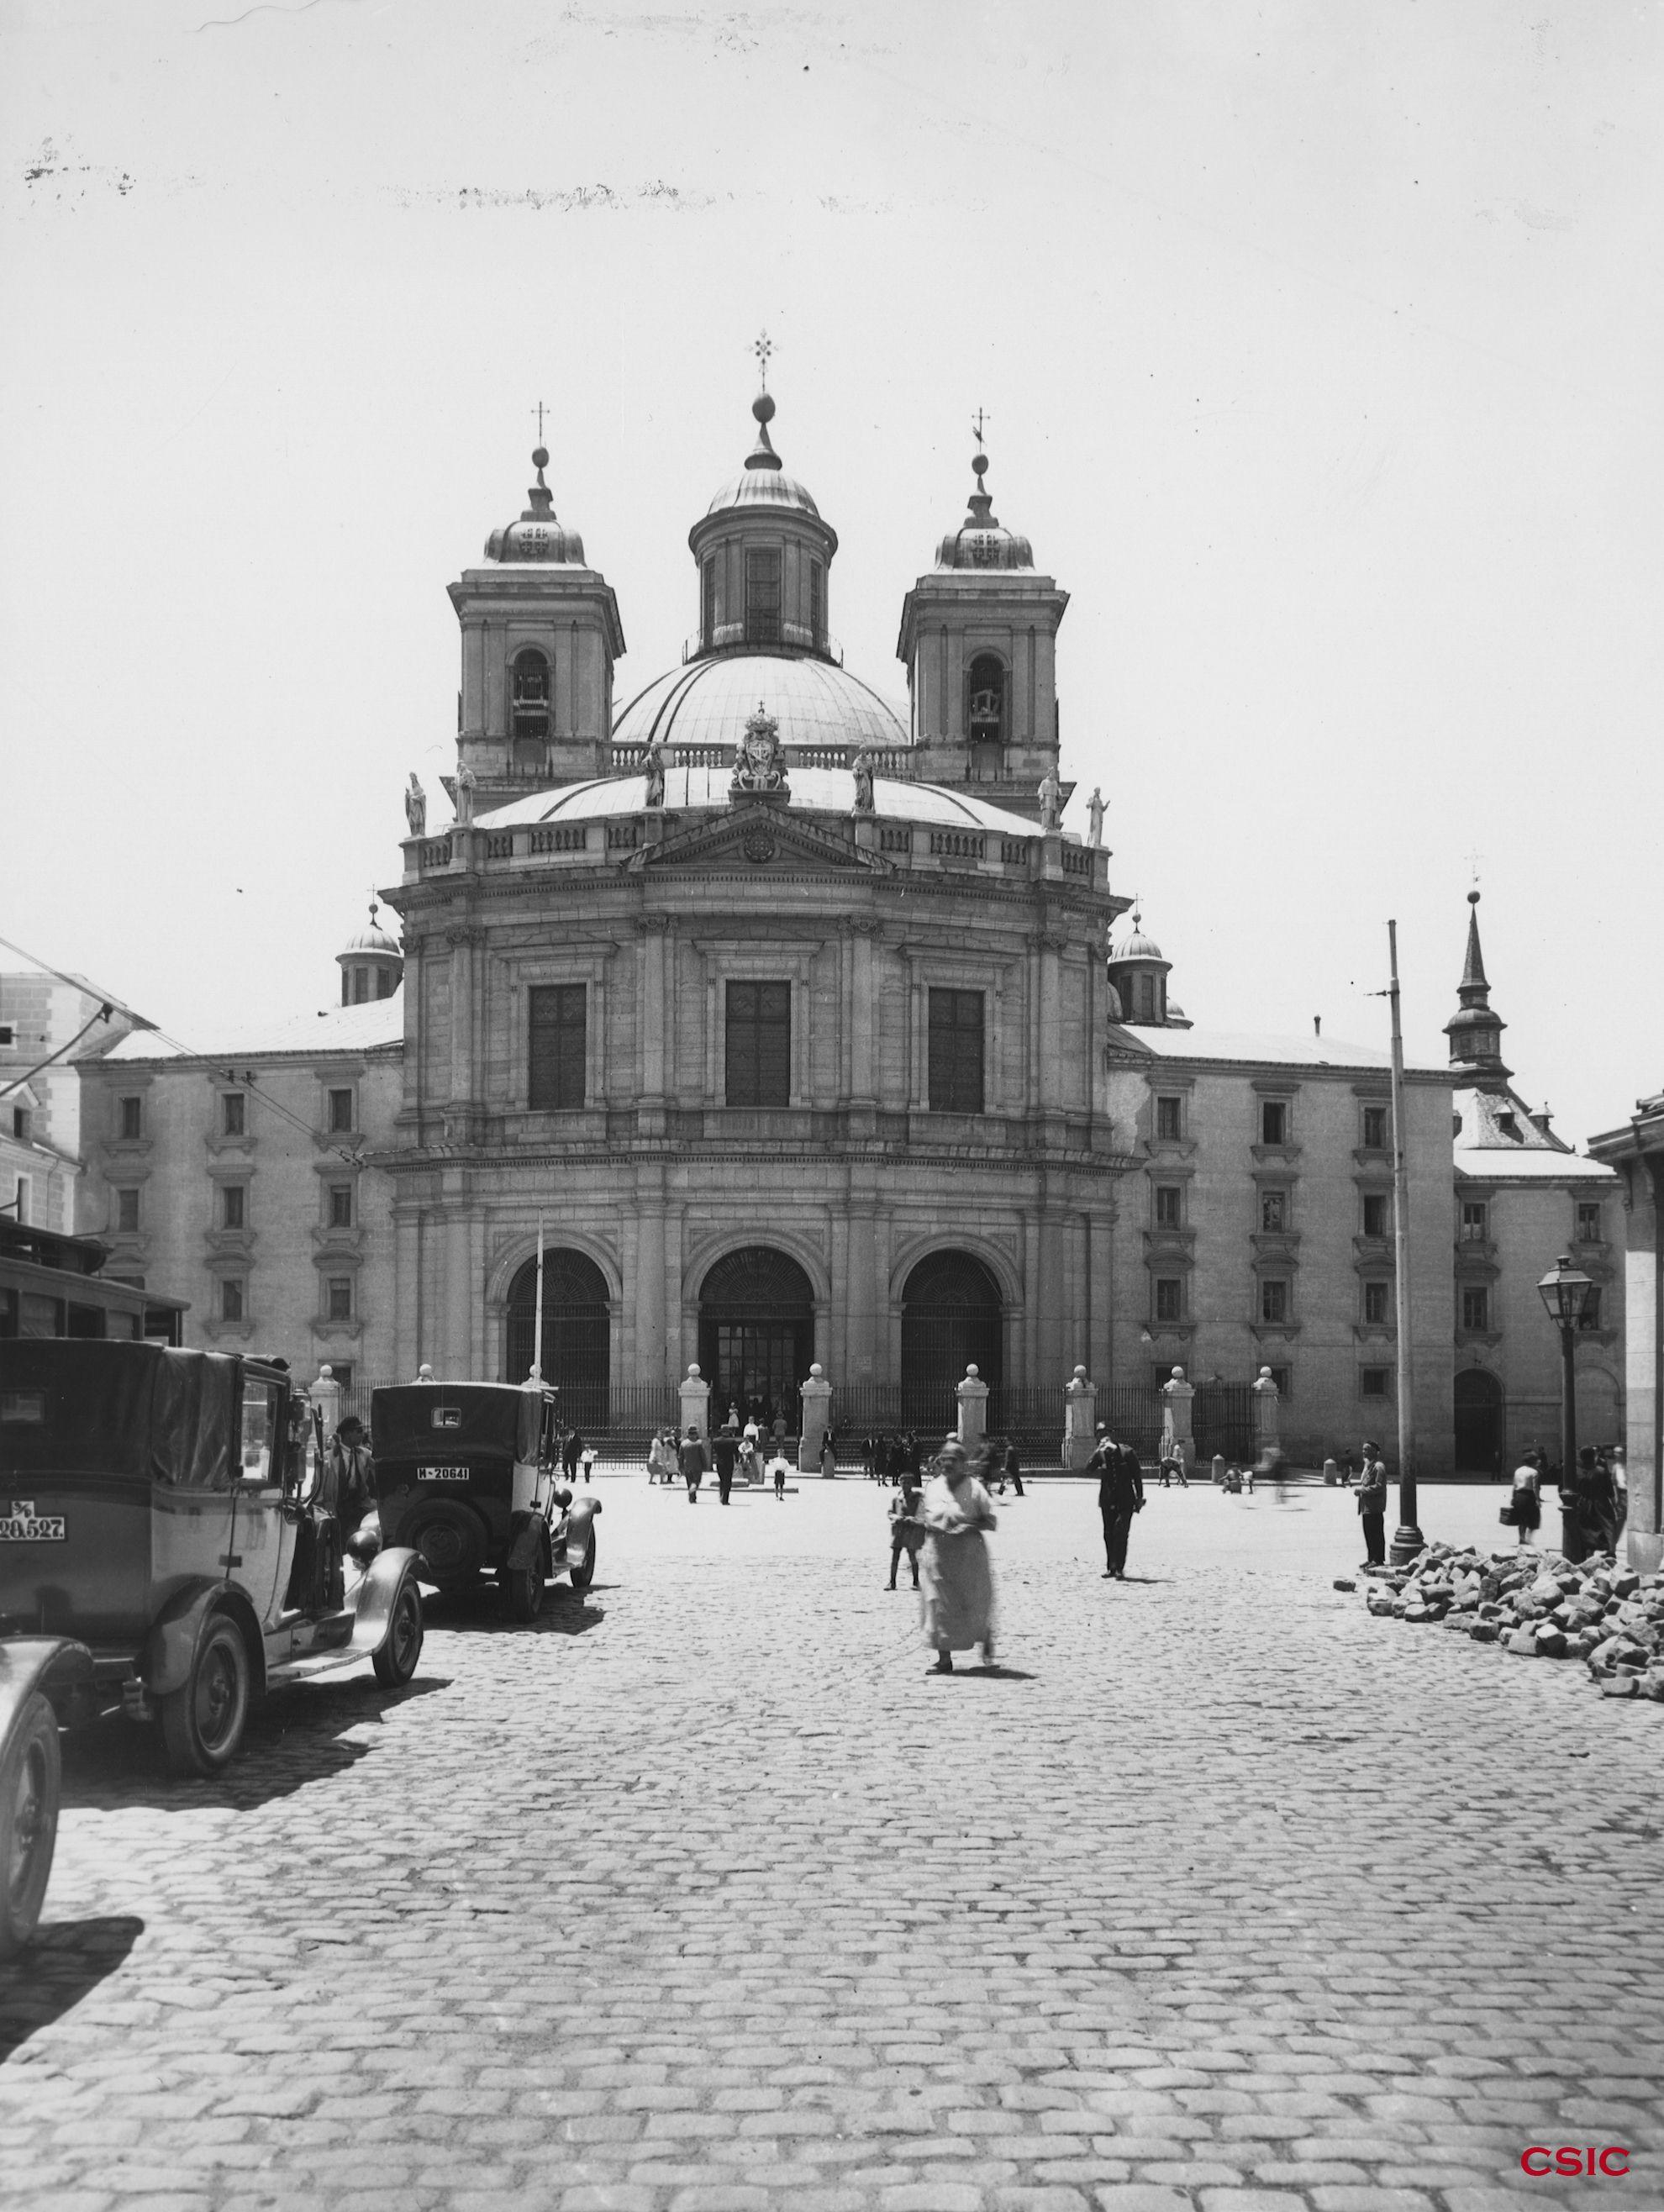 Real Basílica De San Francisco El Grande Colección General De Arquitectura Acchs Csic Fotos Antiguas Madrid Foto Madrid Fotos Antiguas